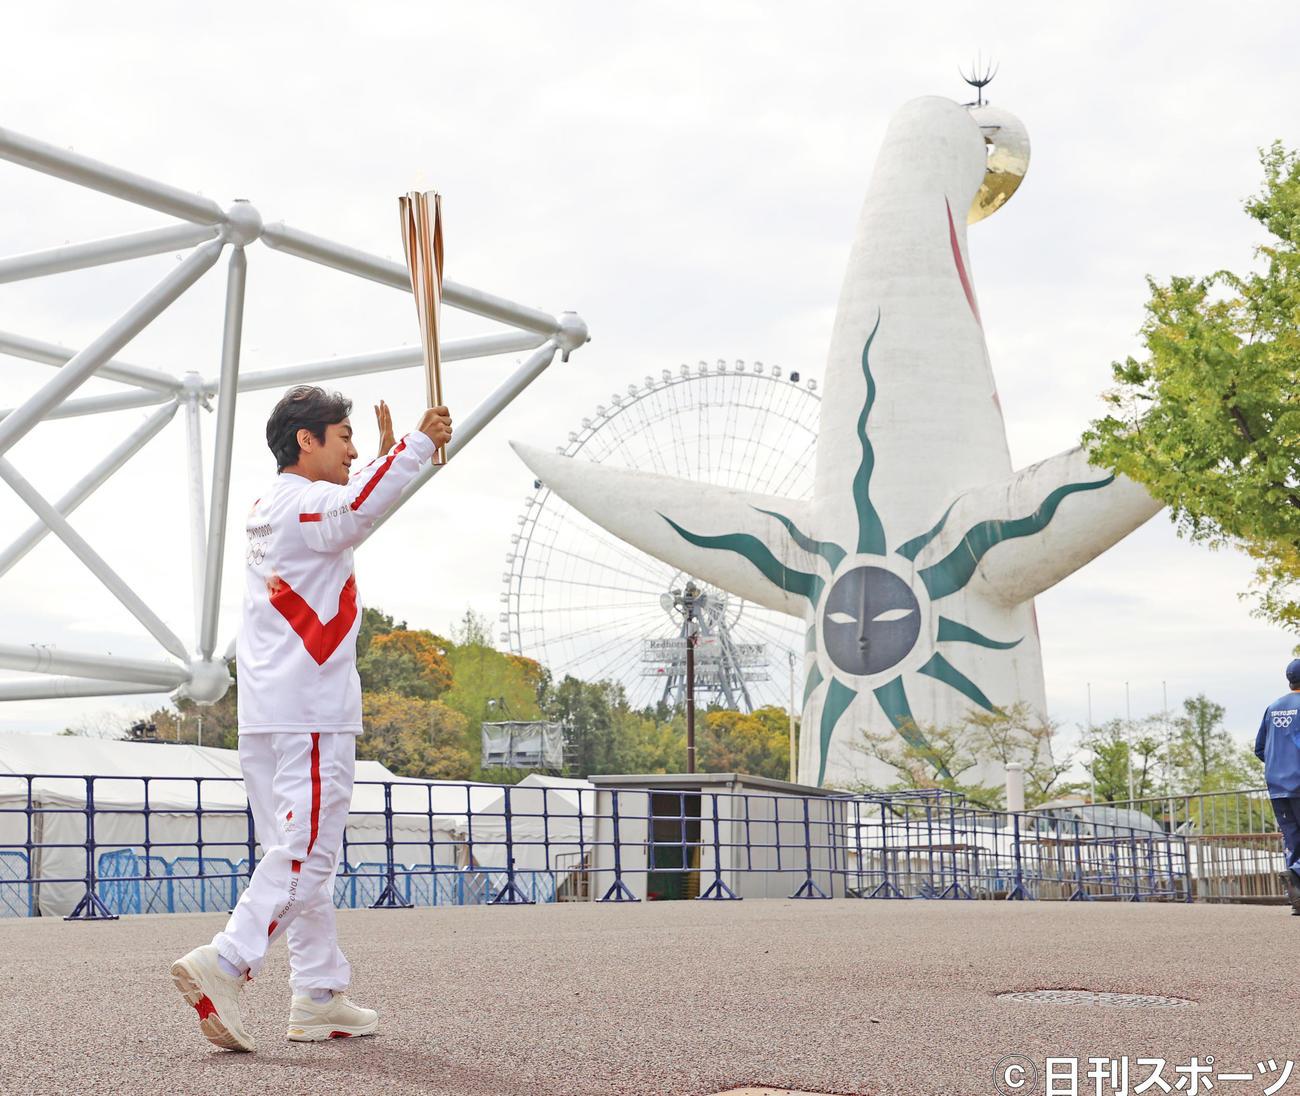 大阪・万博記念公園で聖火リレーを行う片岡愛之助(撮影・清水貴仁)